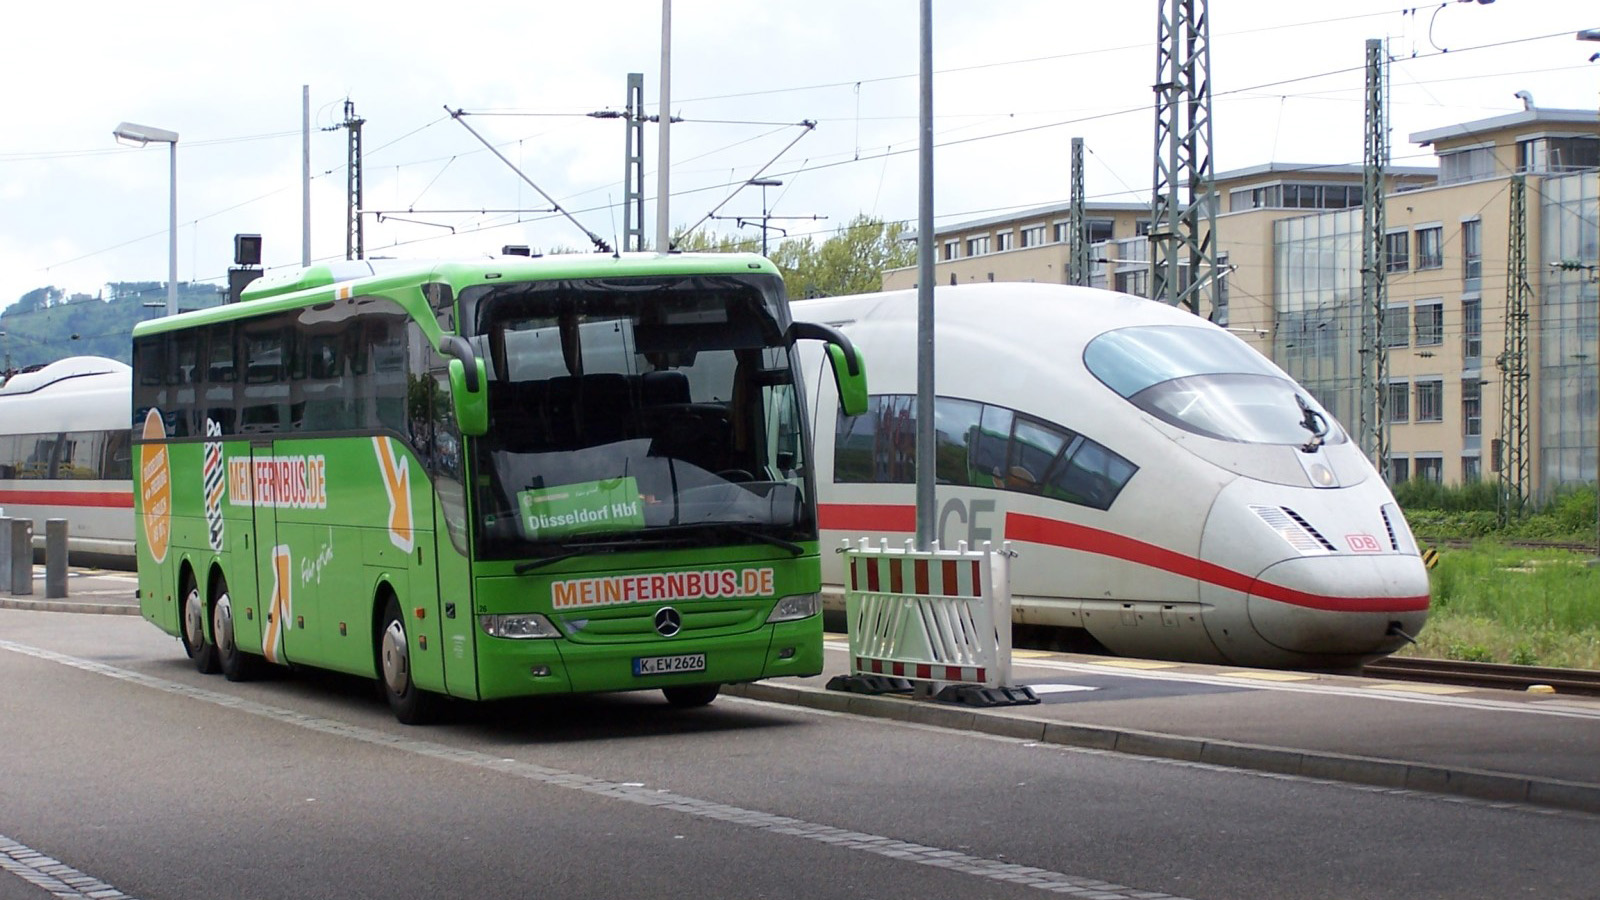 Fernbusmaut für faire Wettbewerbsbedingungen im Verkehr: Druck auf Verkehrsminister Dobrindt steigt